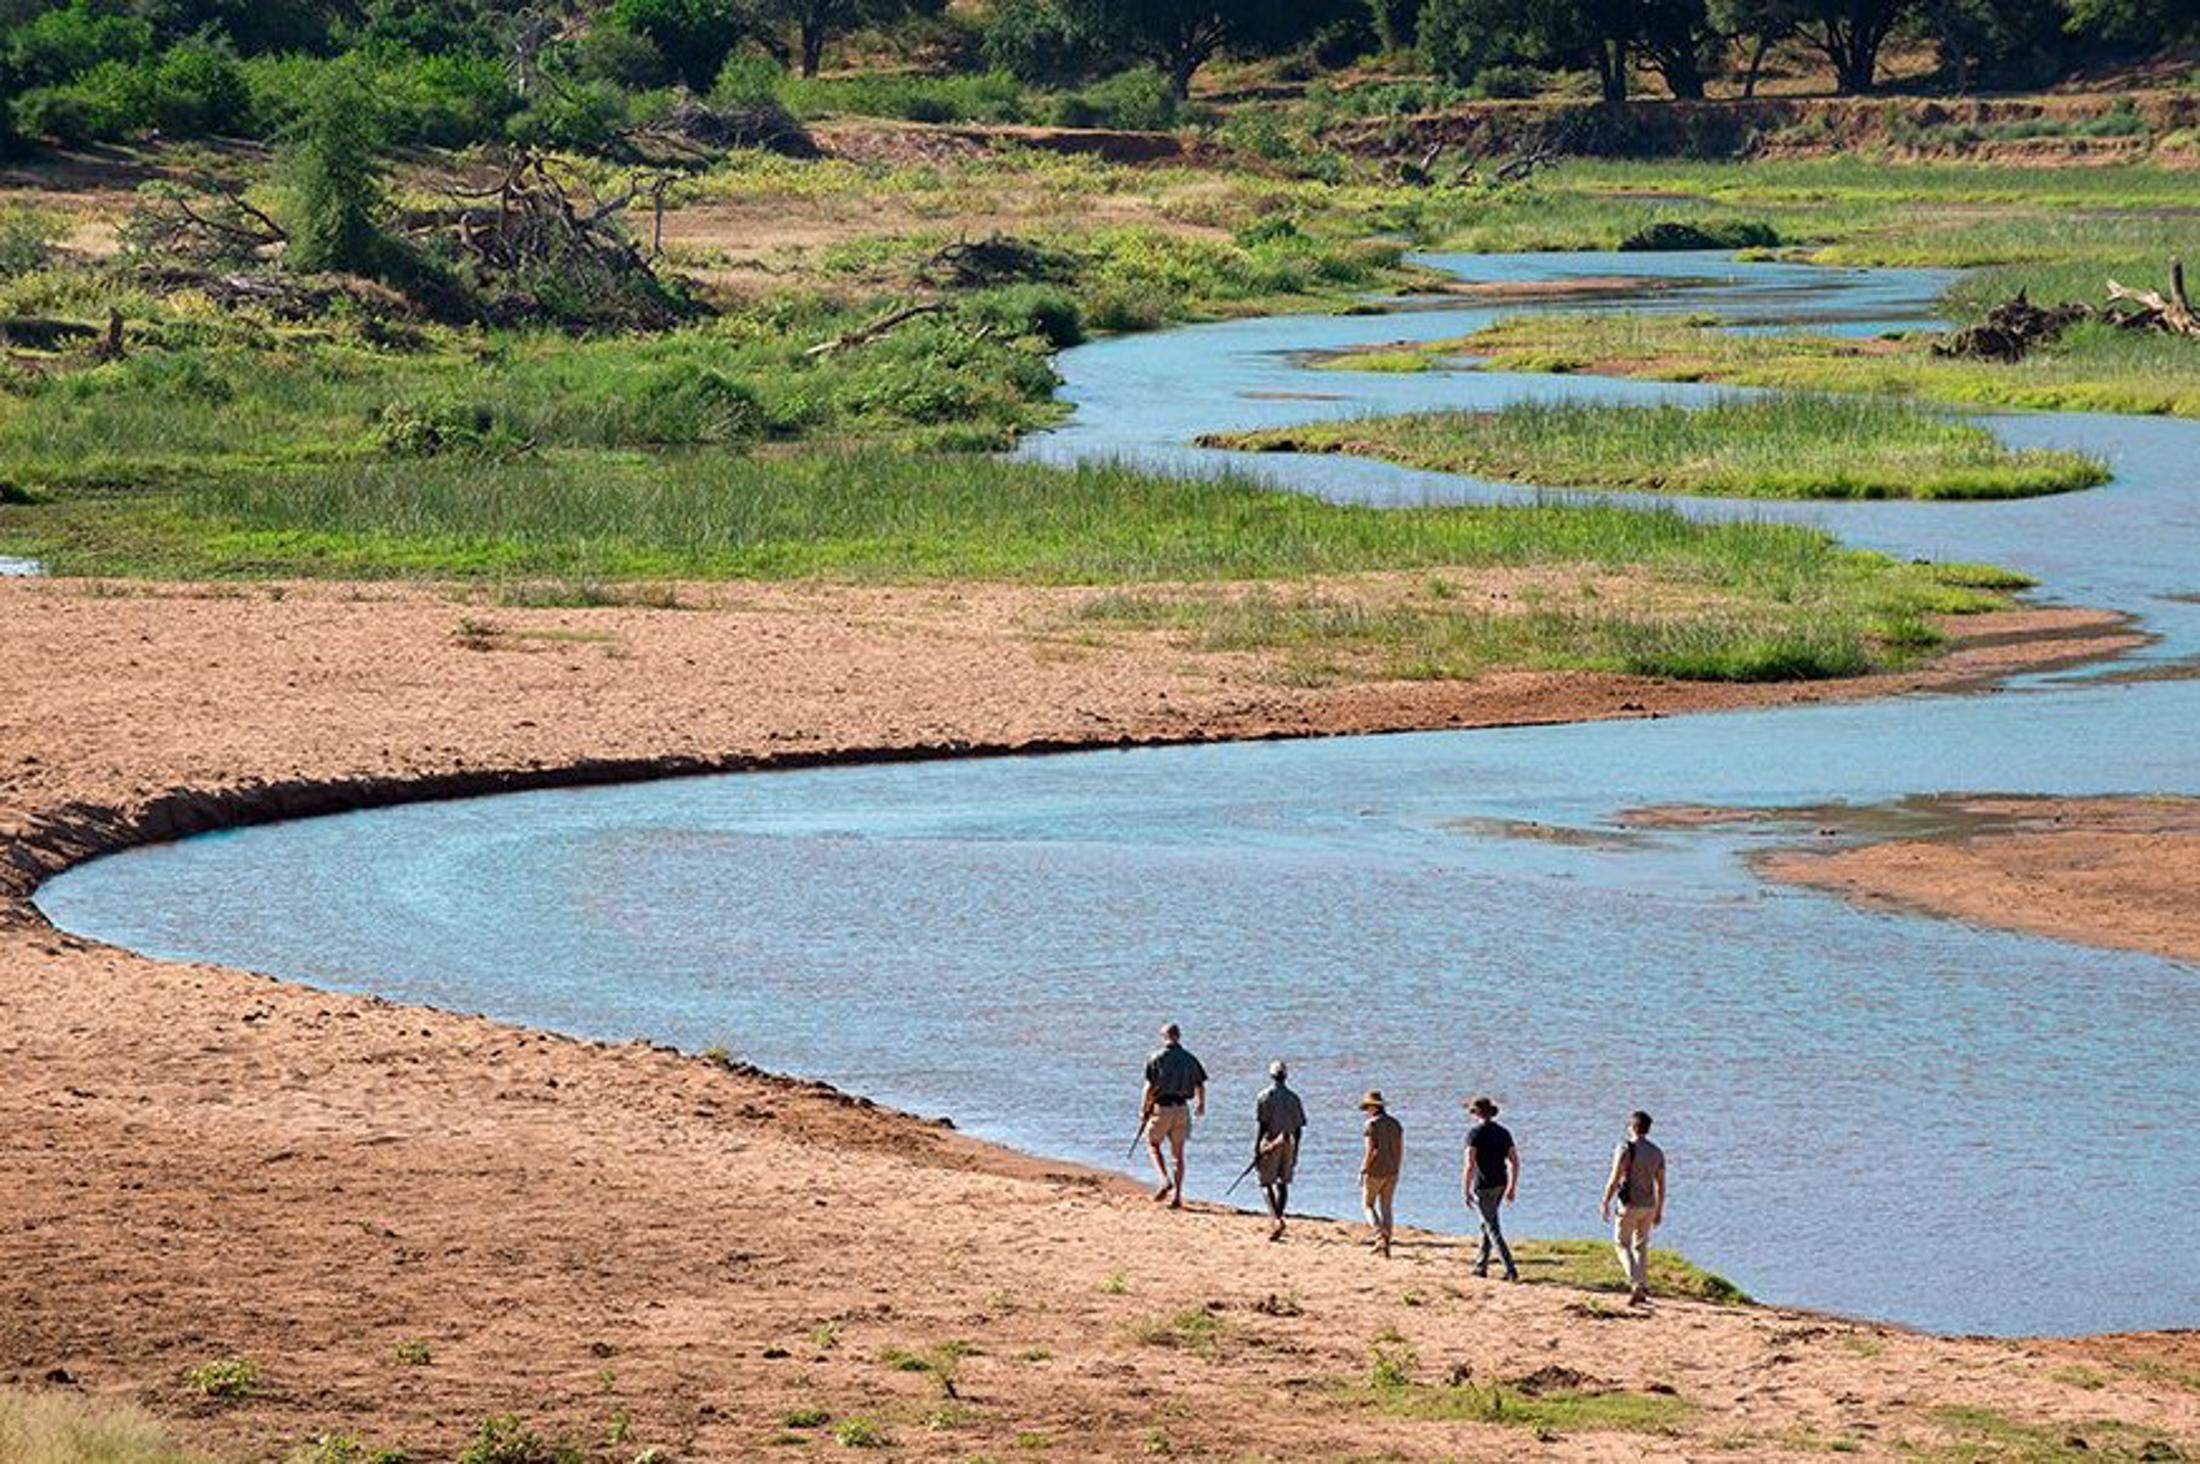 Actie & Avontuur reizen Afrika - Safariwandelingen met gewapende ranger